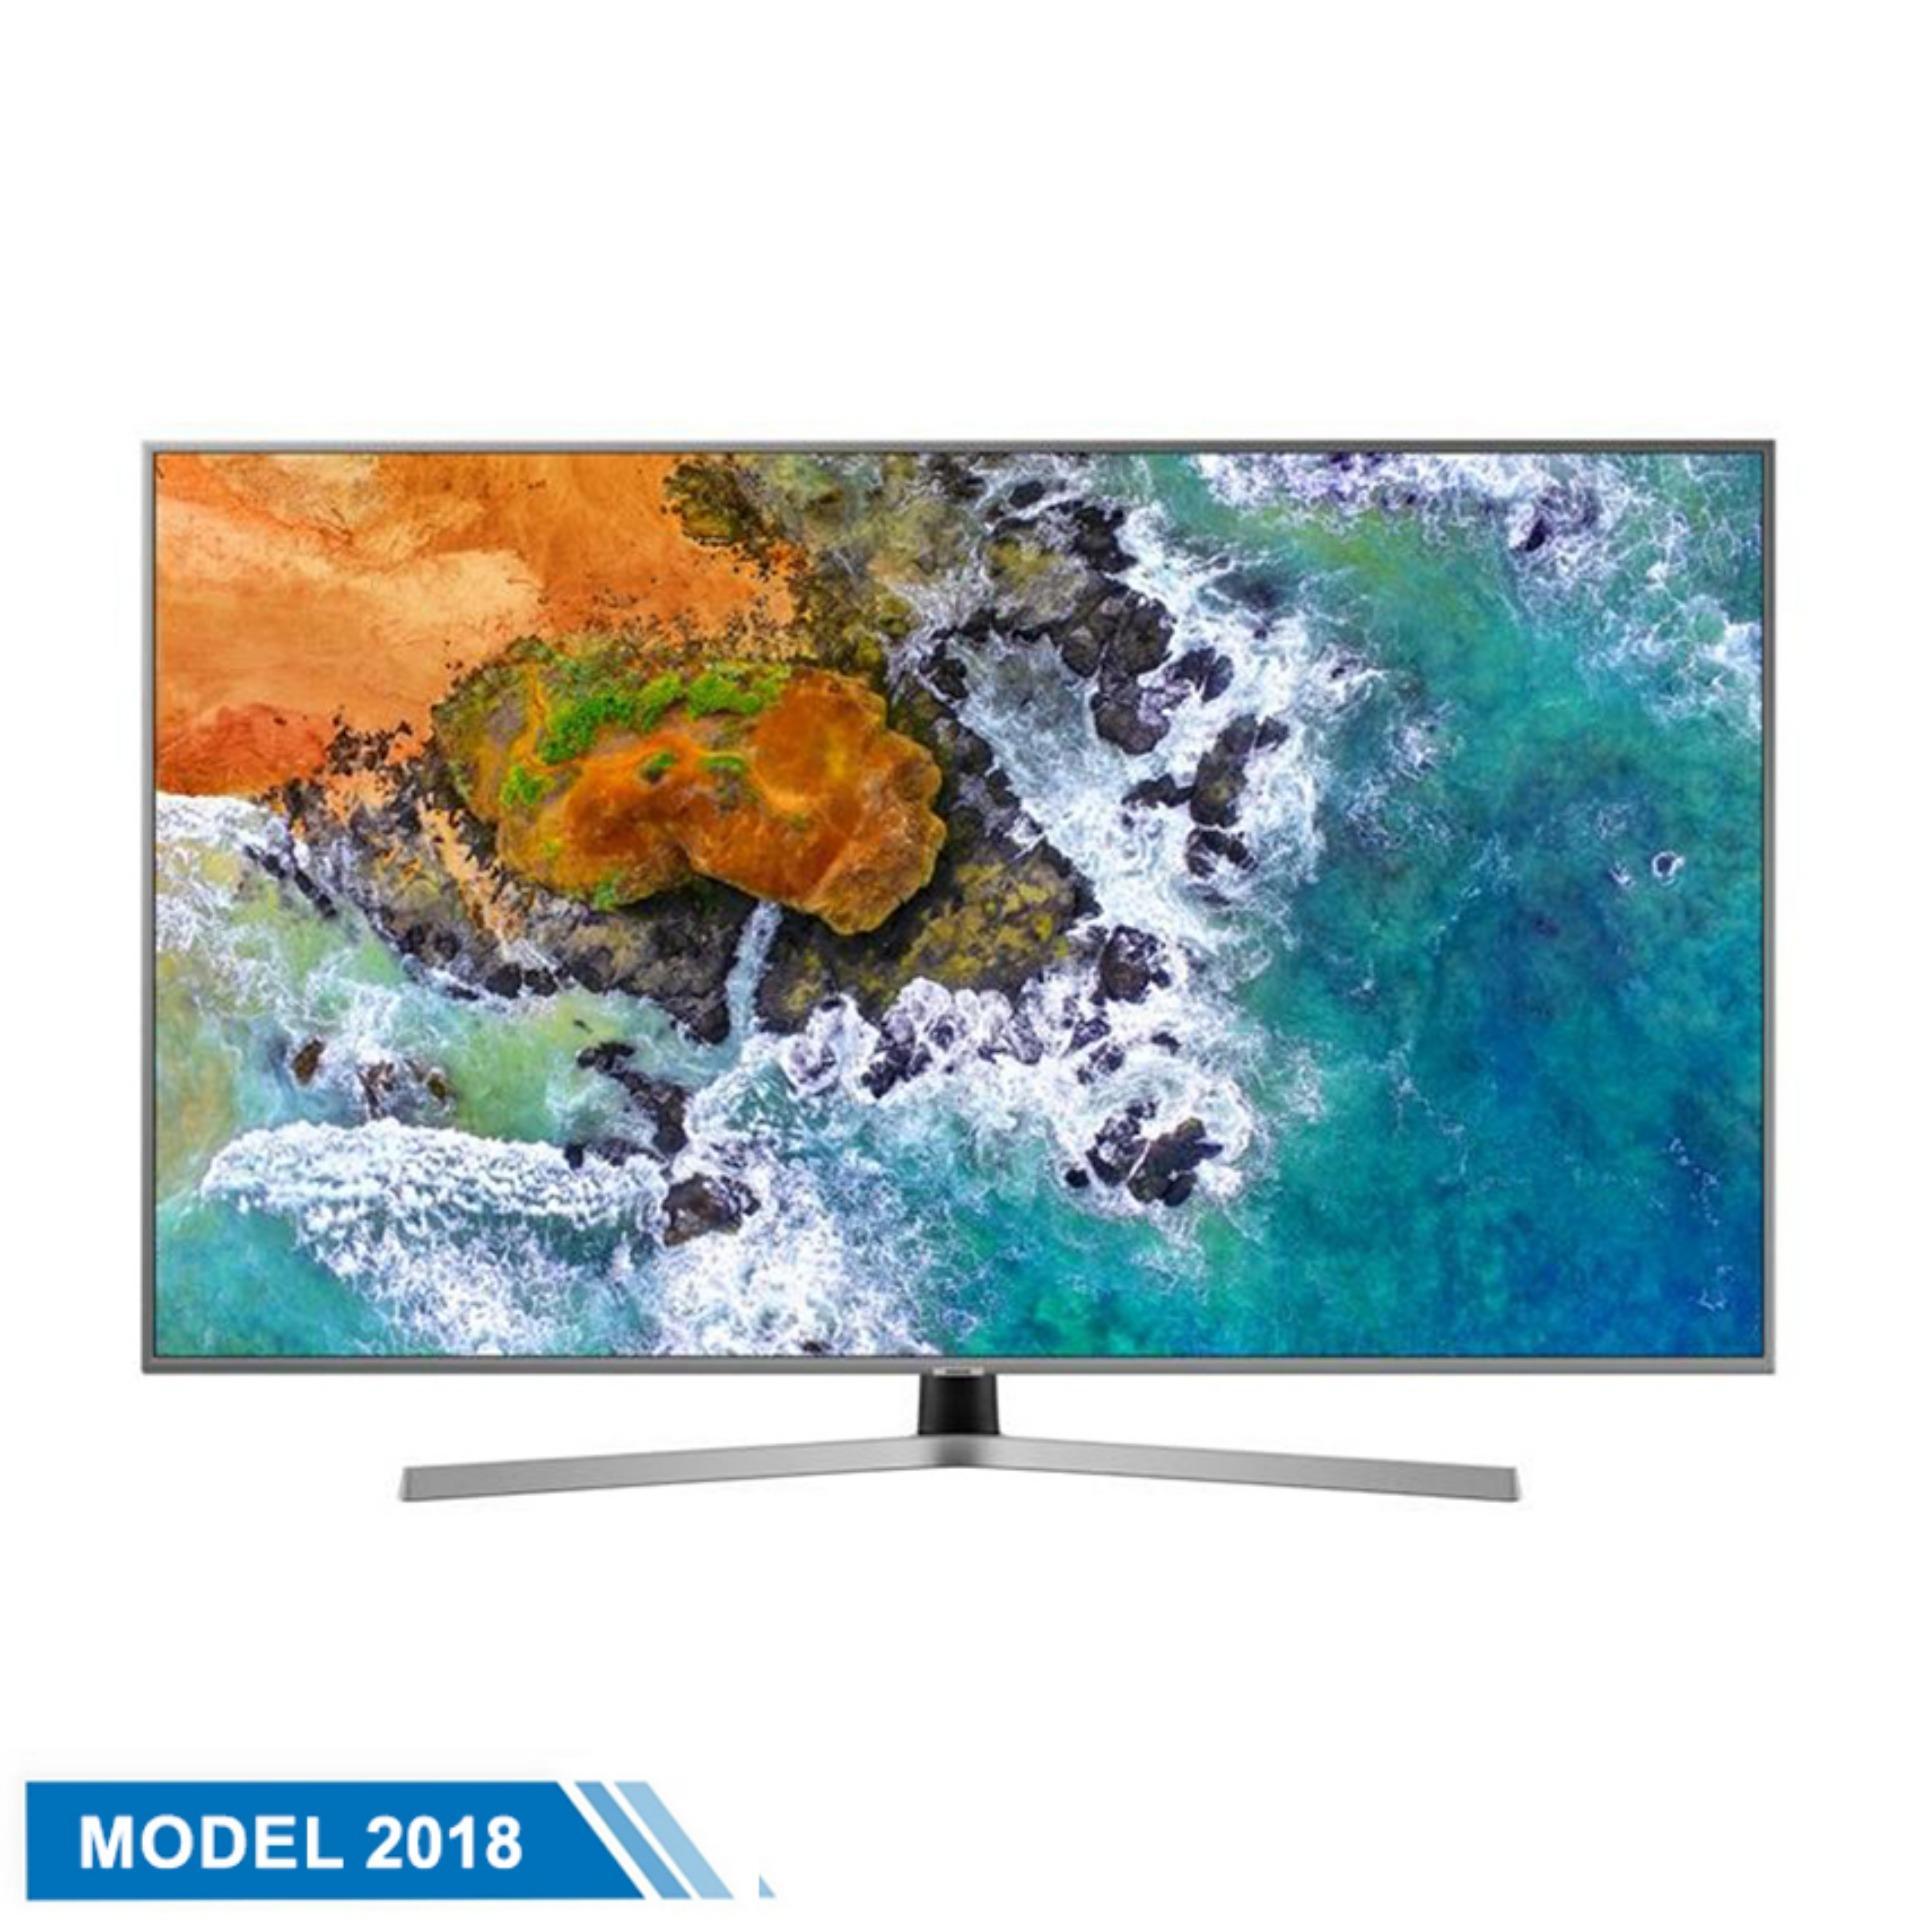 Smart TV Samsung  50inch 4K Ultra HD - Model UA50NU7400KXXV (Đen) - Hãng phân phối chính thức chính hãng